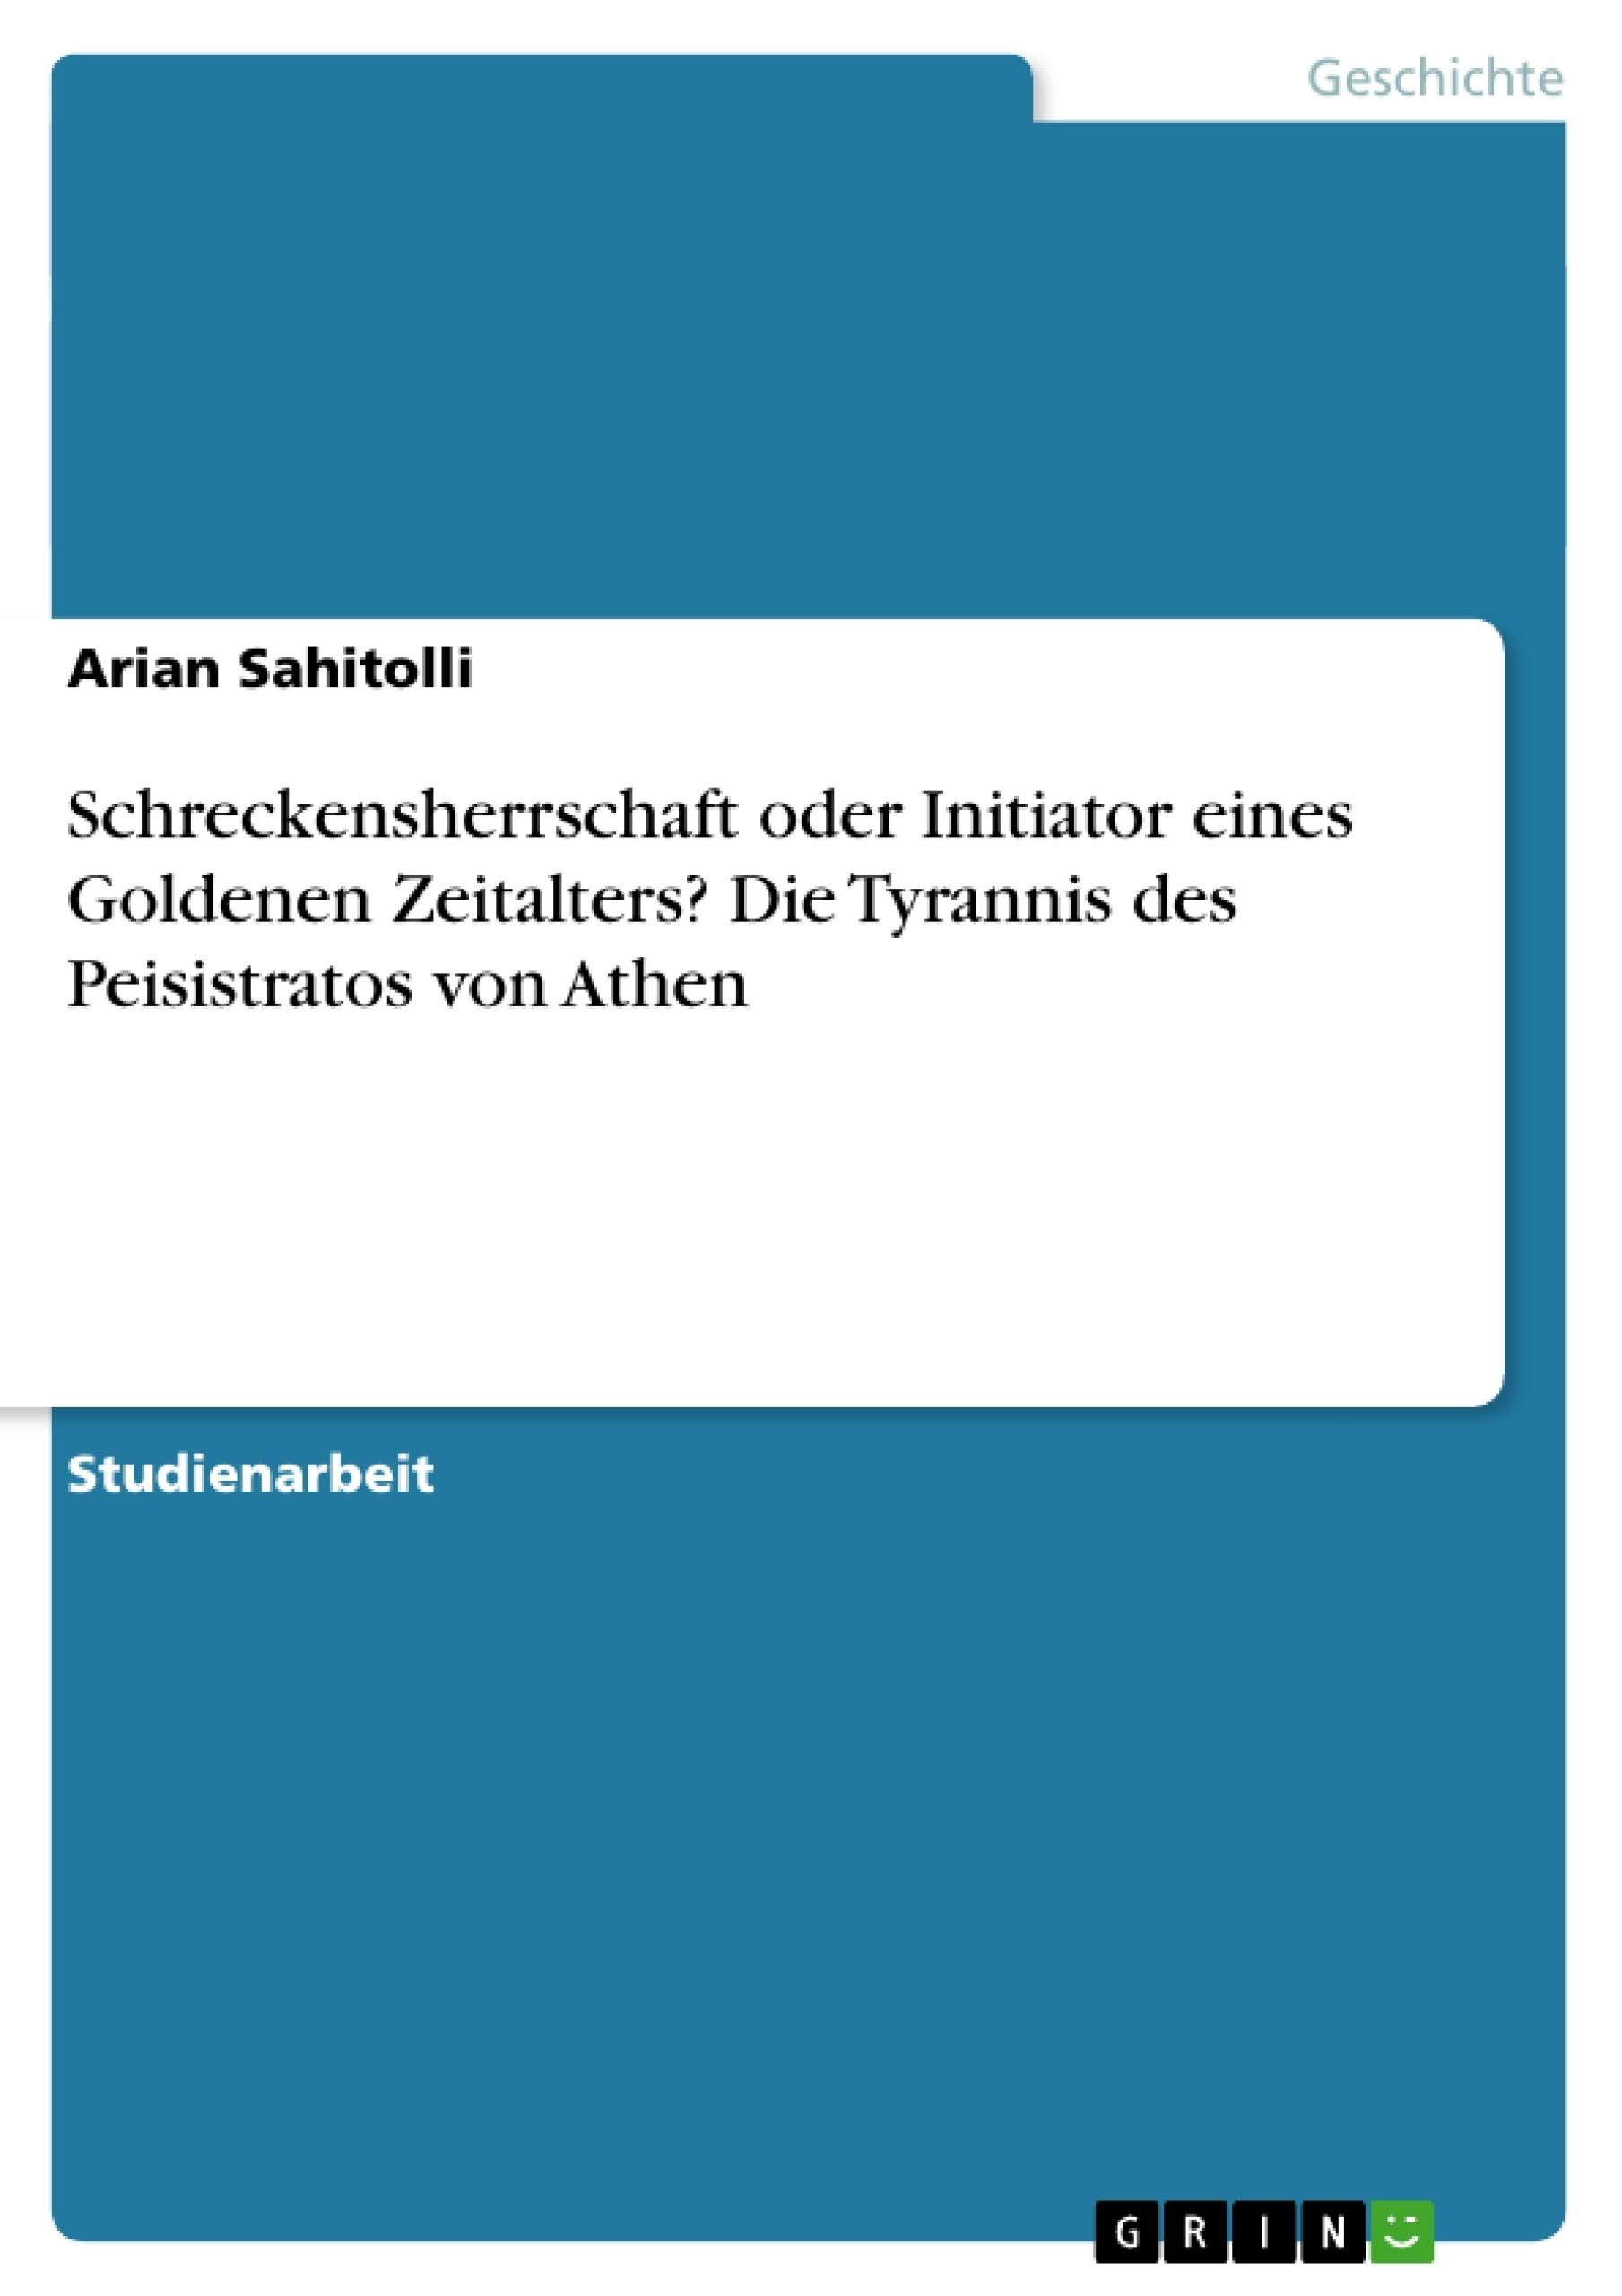 Titel: Schreckensherrschaft oder Initiator eines Goldenen Zeitalters? Die Tyrannis des Peisistratos von Athen